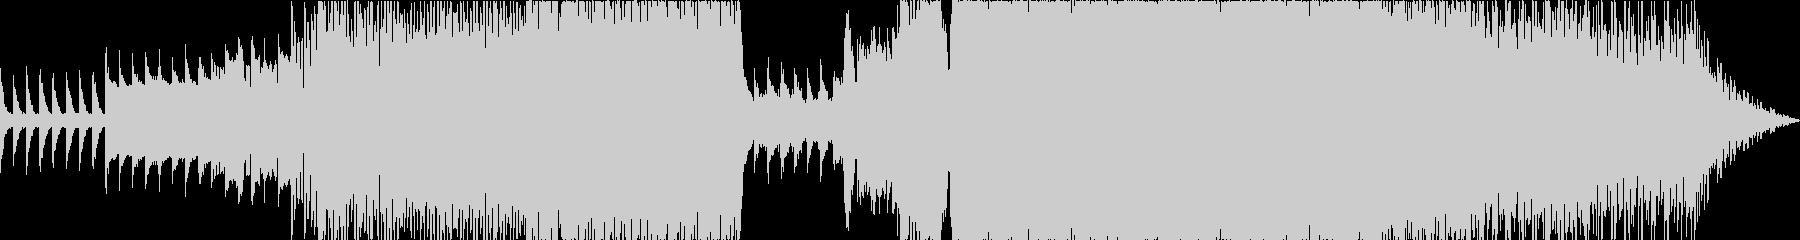 シンセパッドなしの未再生の波形